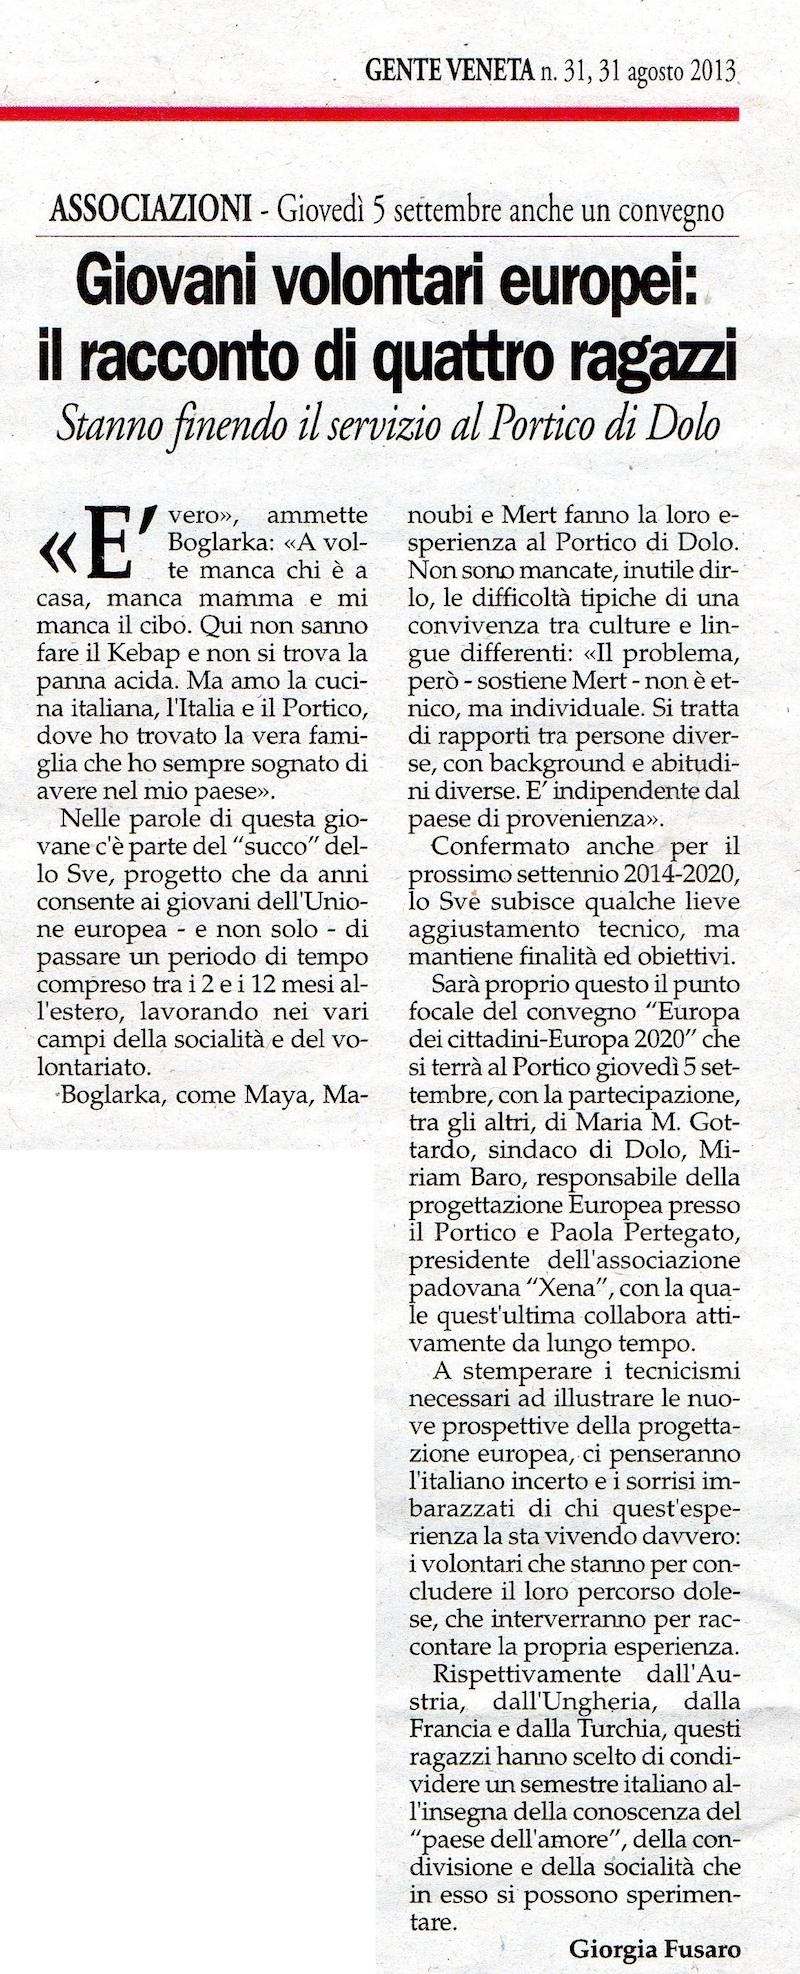 2013.08.31 Gente Veneta (1)